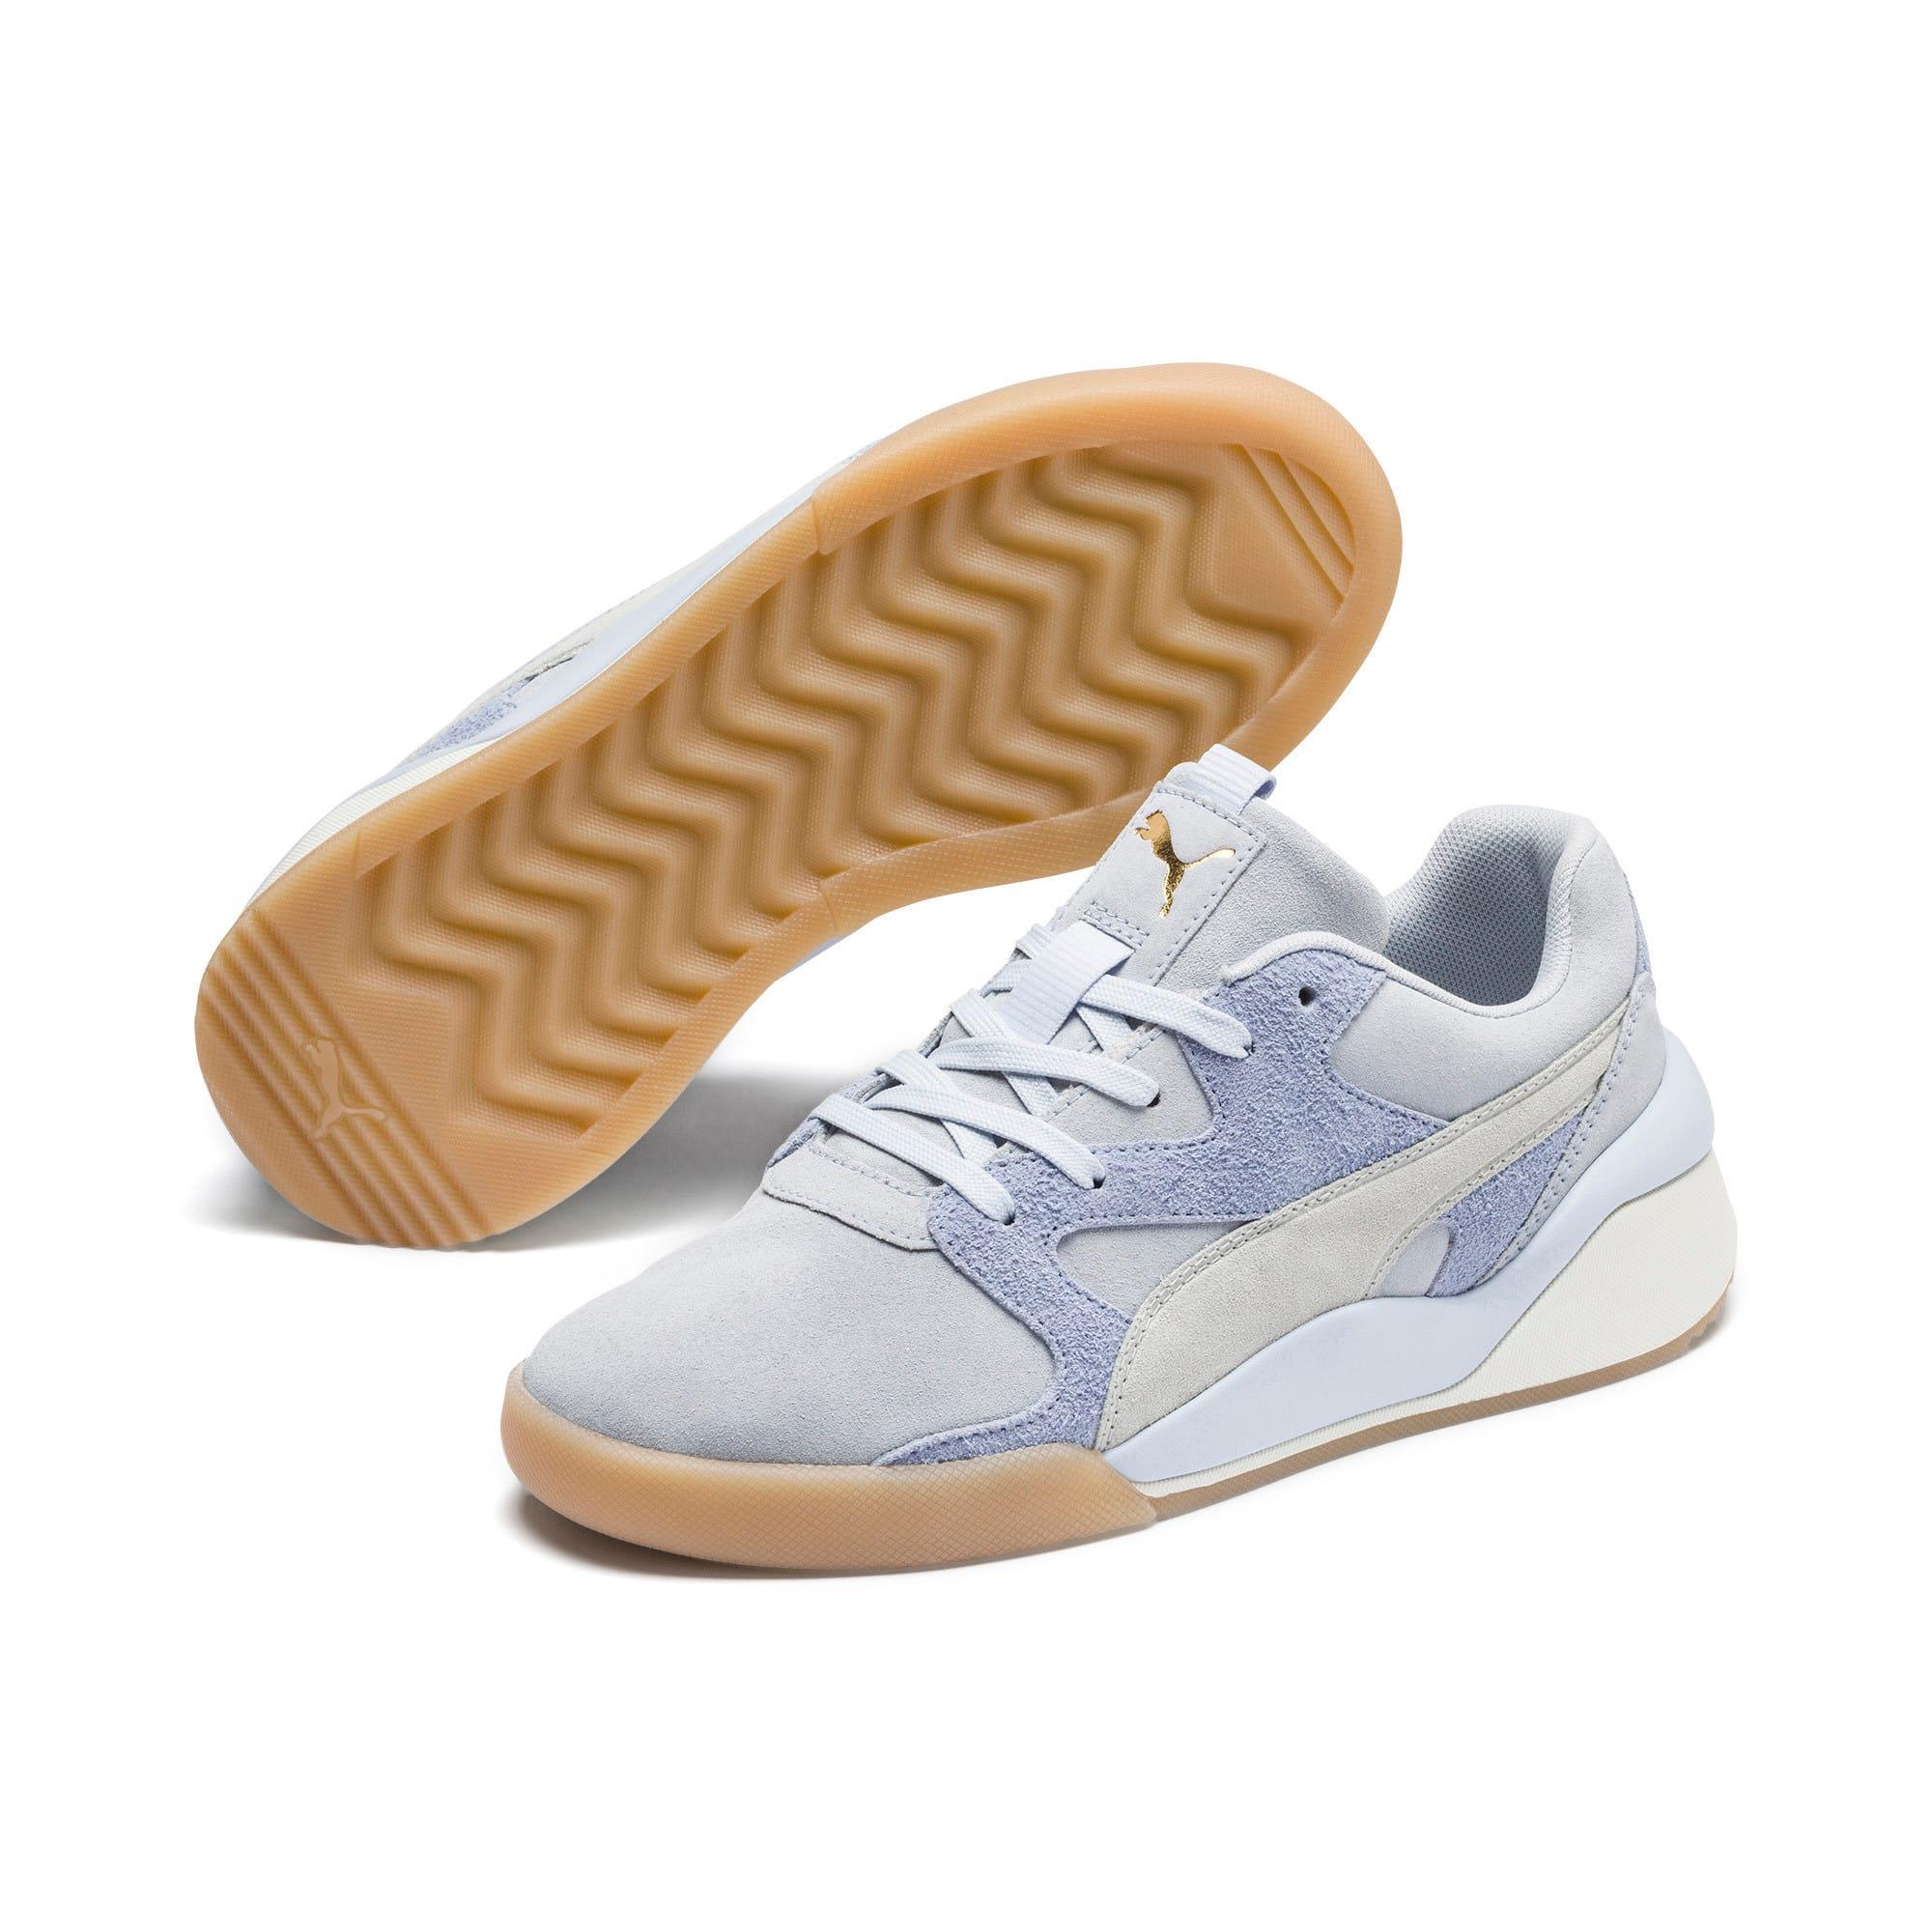 Thumbnail 3 of Aeon Rewind Women's Sneakers, Heather, medium